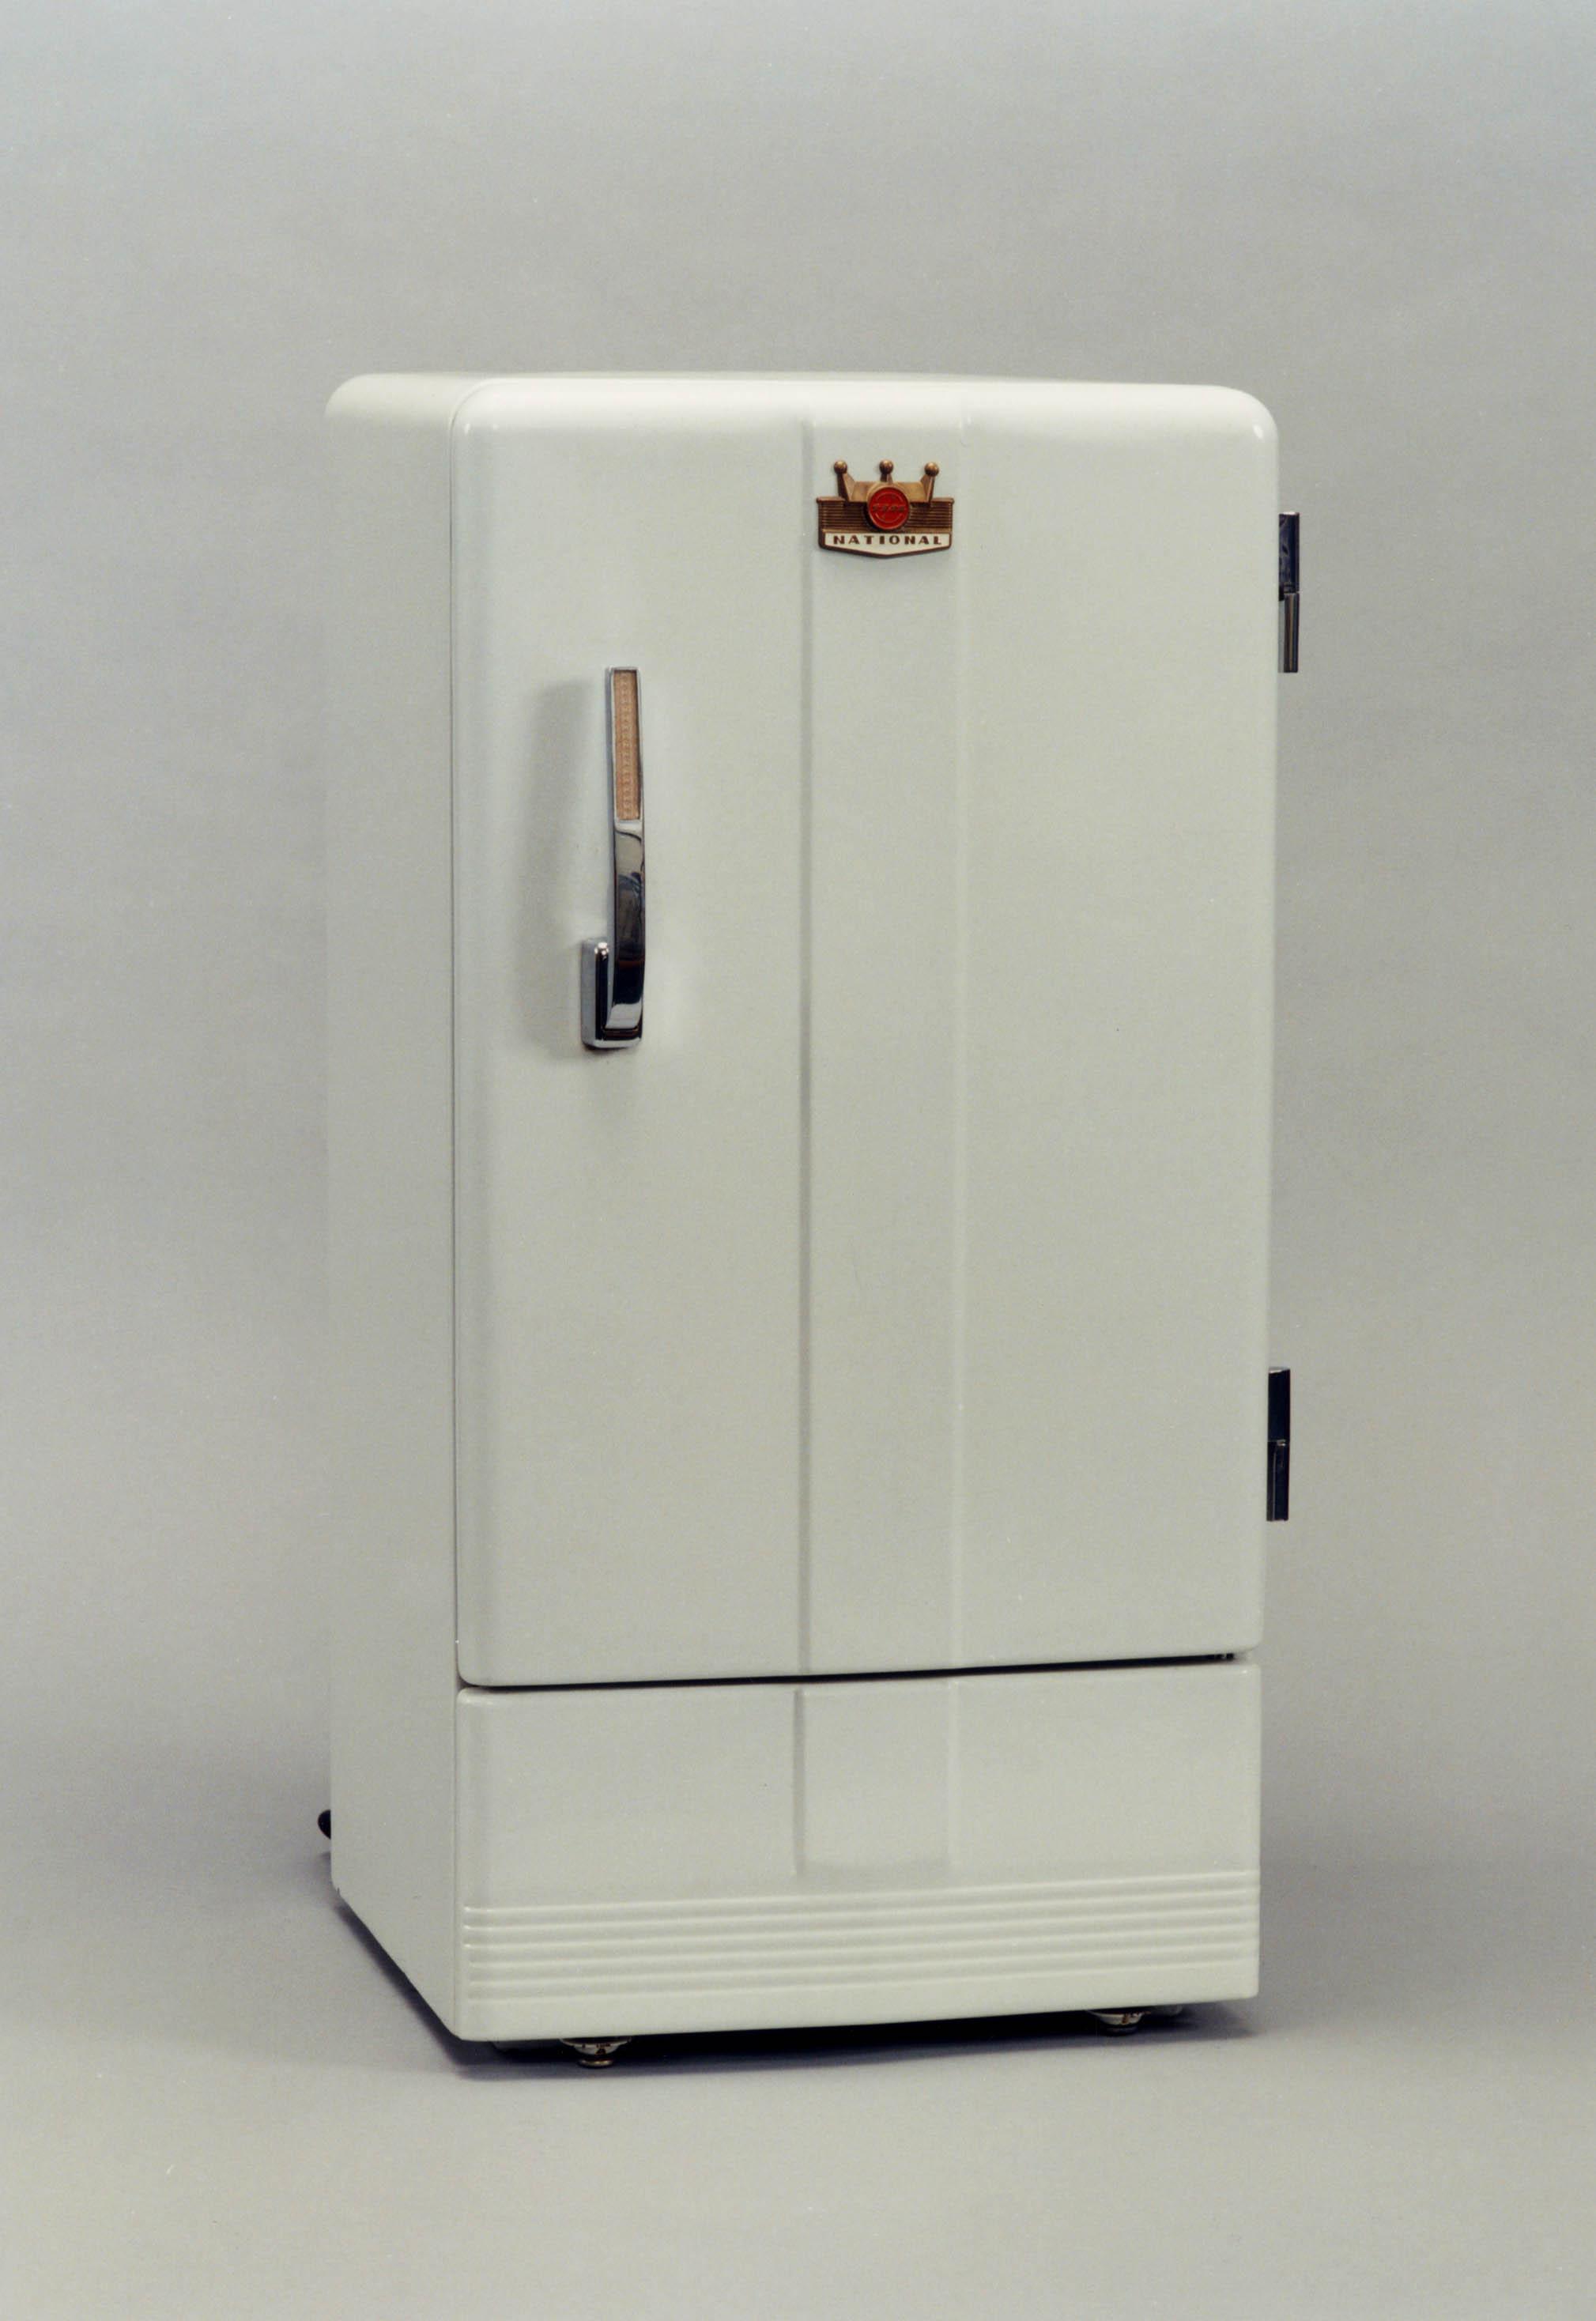 家庭用冷蔵庫1号機「NR-351」